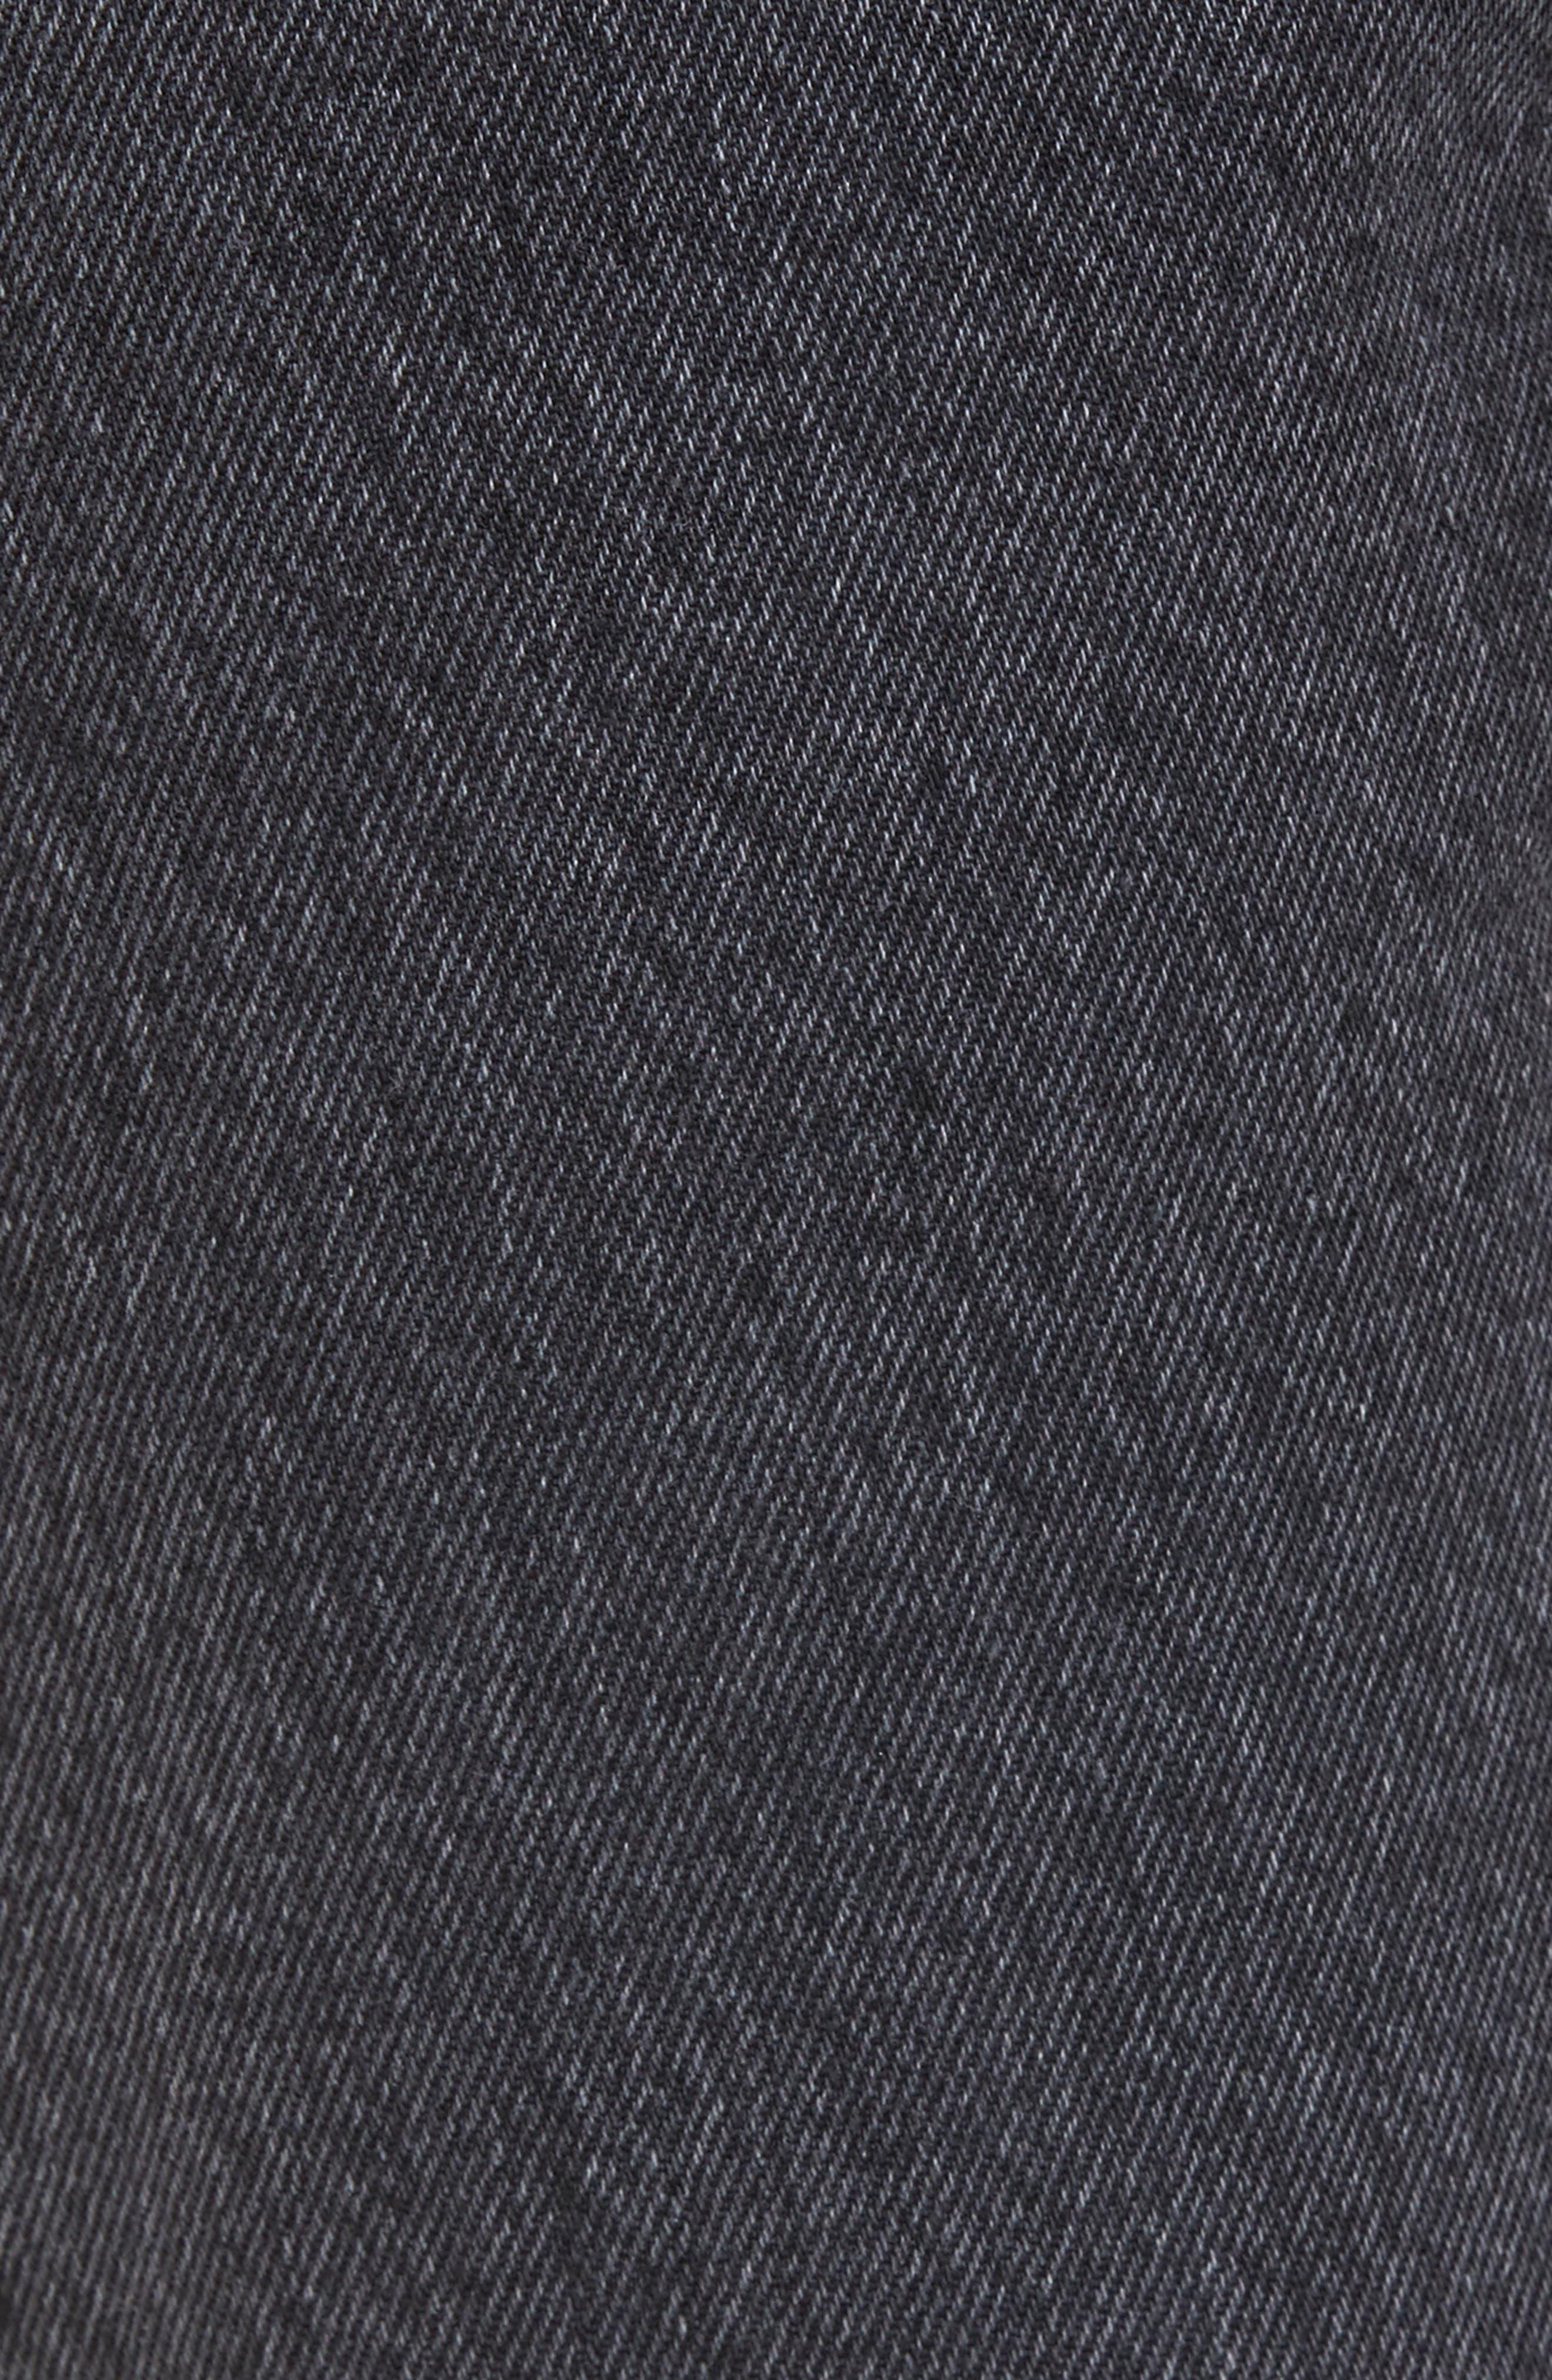 Fit 2 Slim Fit Jeans,                             Alternate thumbnail 5, color,                             001